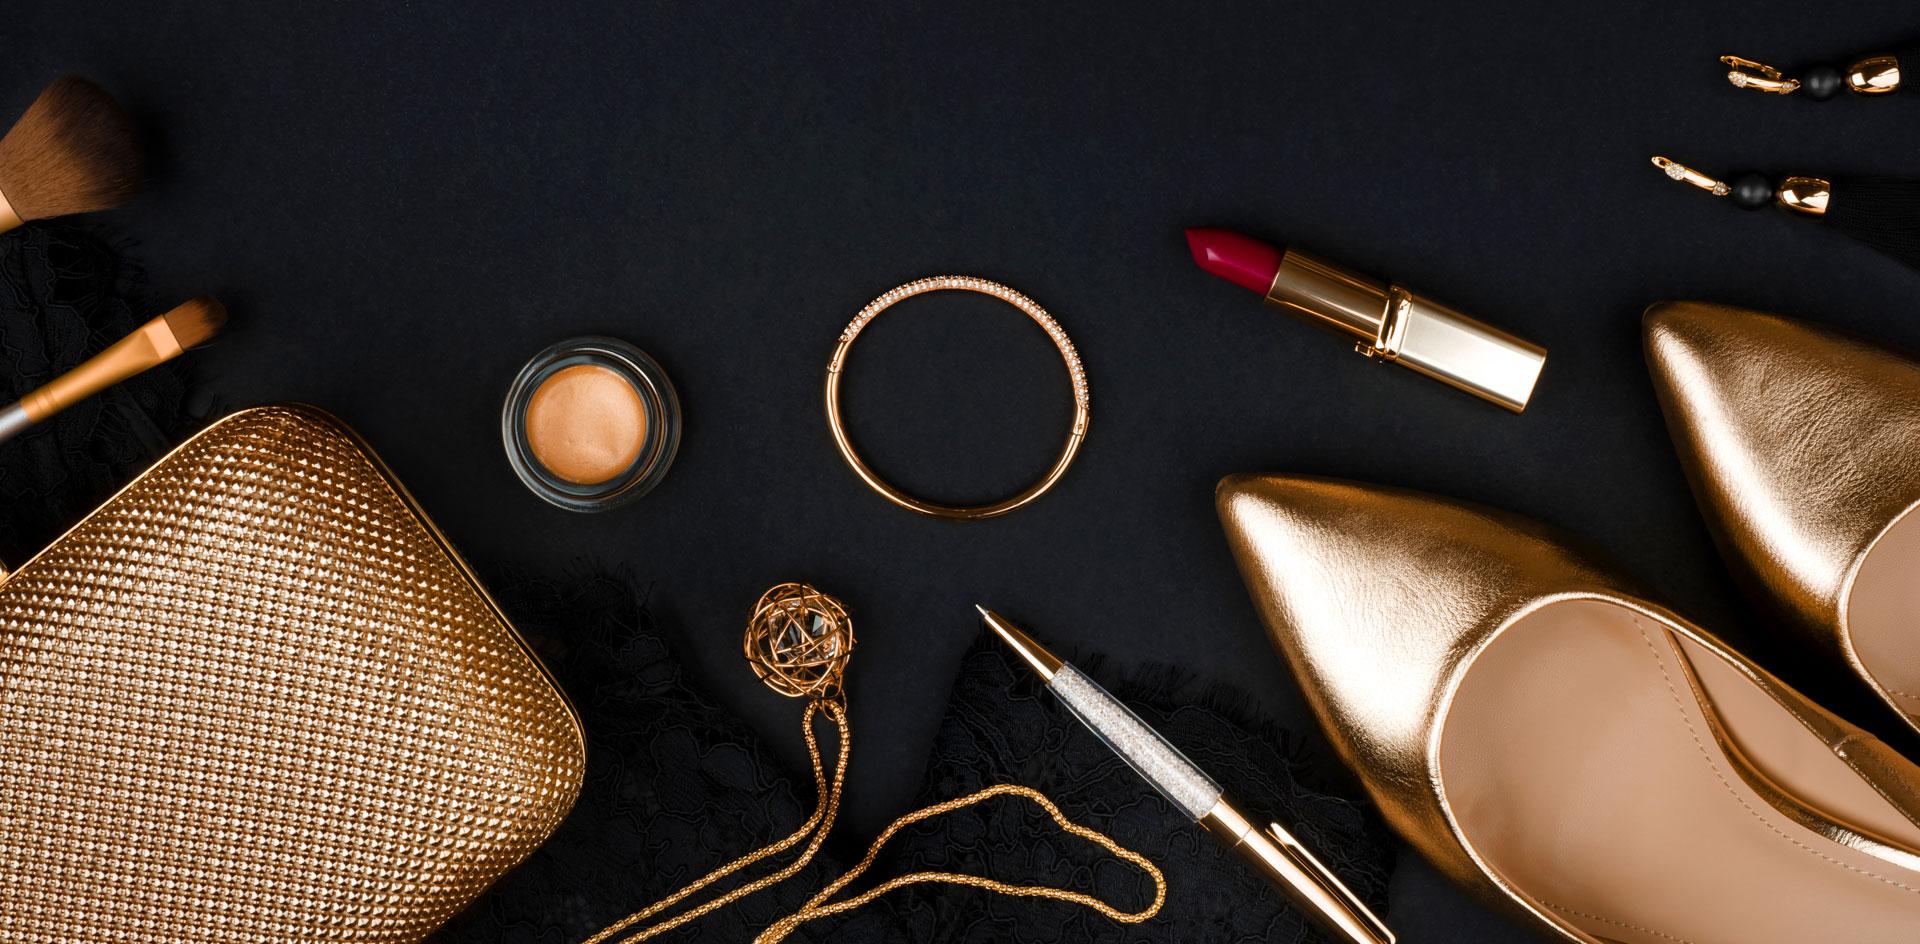 accessoires et produits de beauté